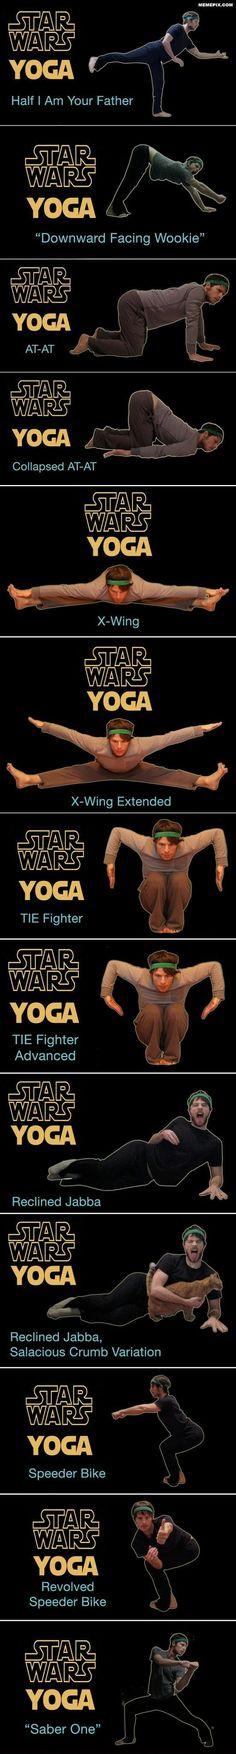 來做做看「星際大戰瑜伽」      #Star_Wars #Yoga